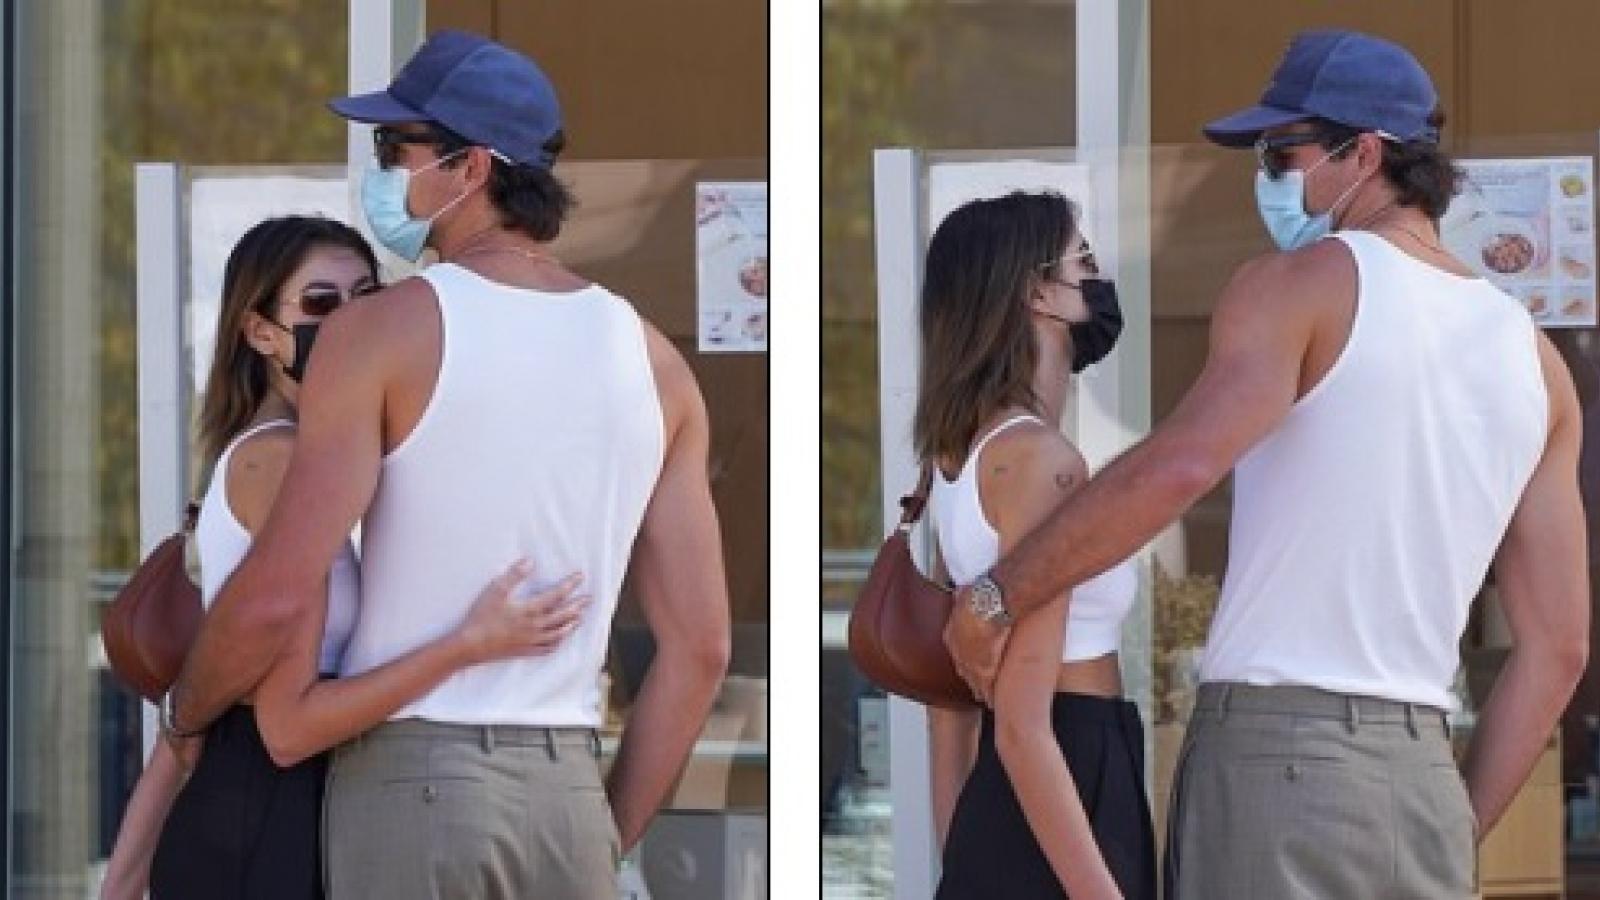 Con gái Cindy Crawford và bạn trai mặc đồ đồng điệu, tình tứ ôm nhau trên phố